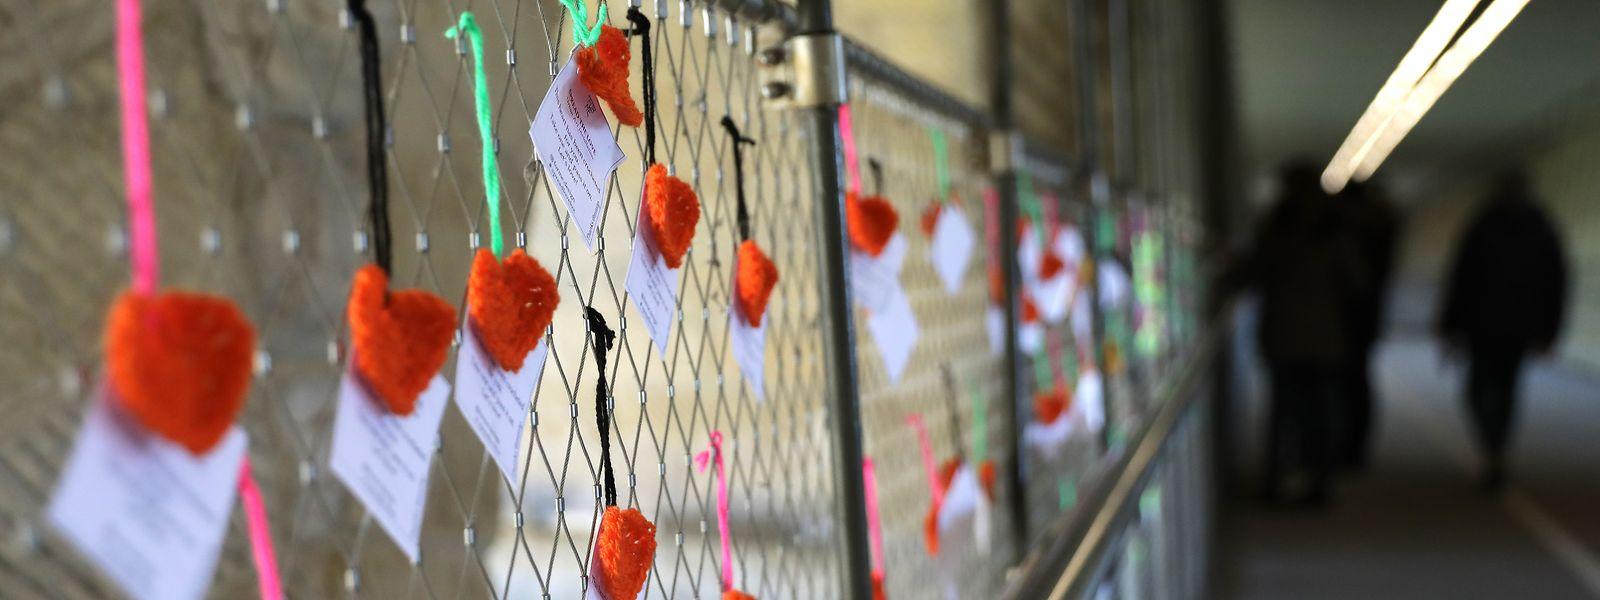 """In seiner parlamentarischen Frage bezieht sich Jeff Engelen (ADR) unter anderem auf die Aktion unter dem Motto """"Spread the Love"""" an Valentinstag. Zwischen den Herzen waren auch Vorhängeschlösser zu sehen, die von jungen Paaren dort als Zeichen der Liebe montiert wurden."""